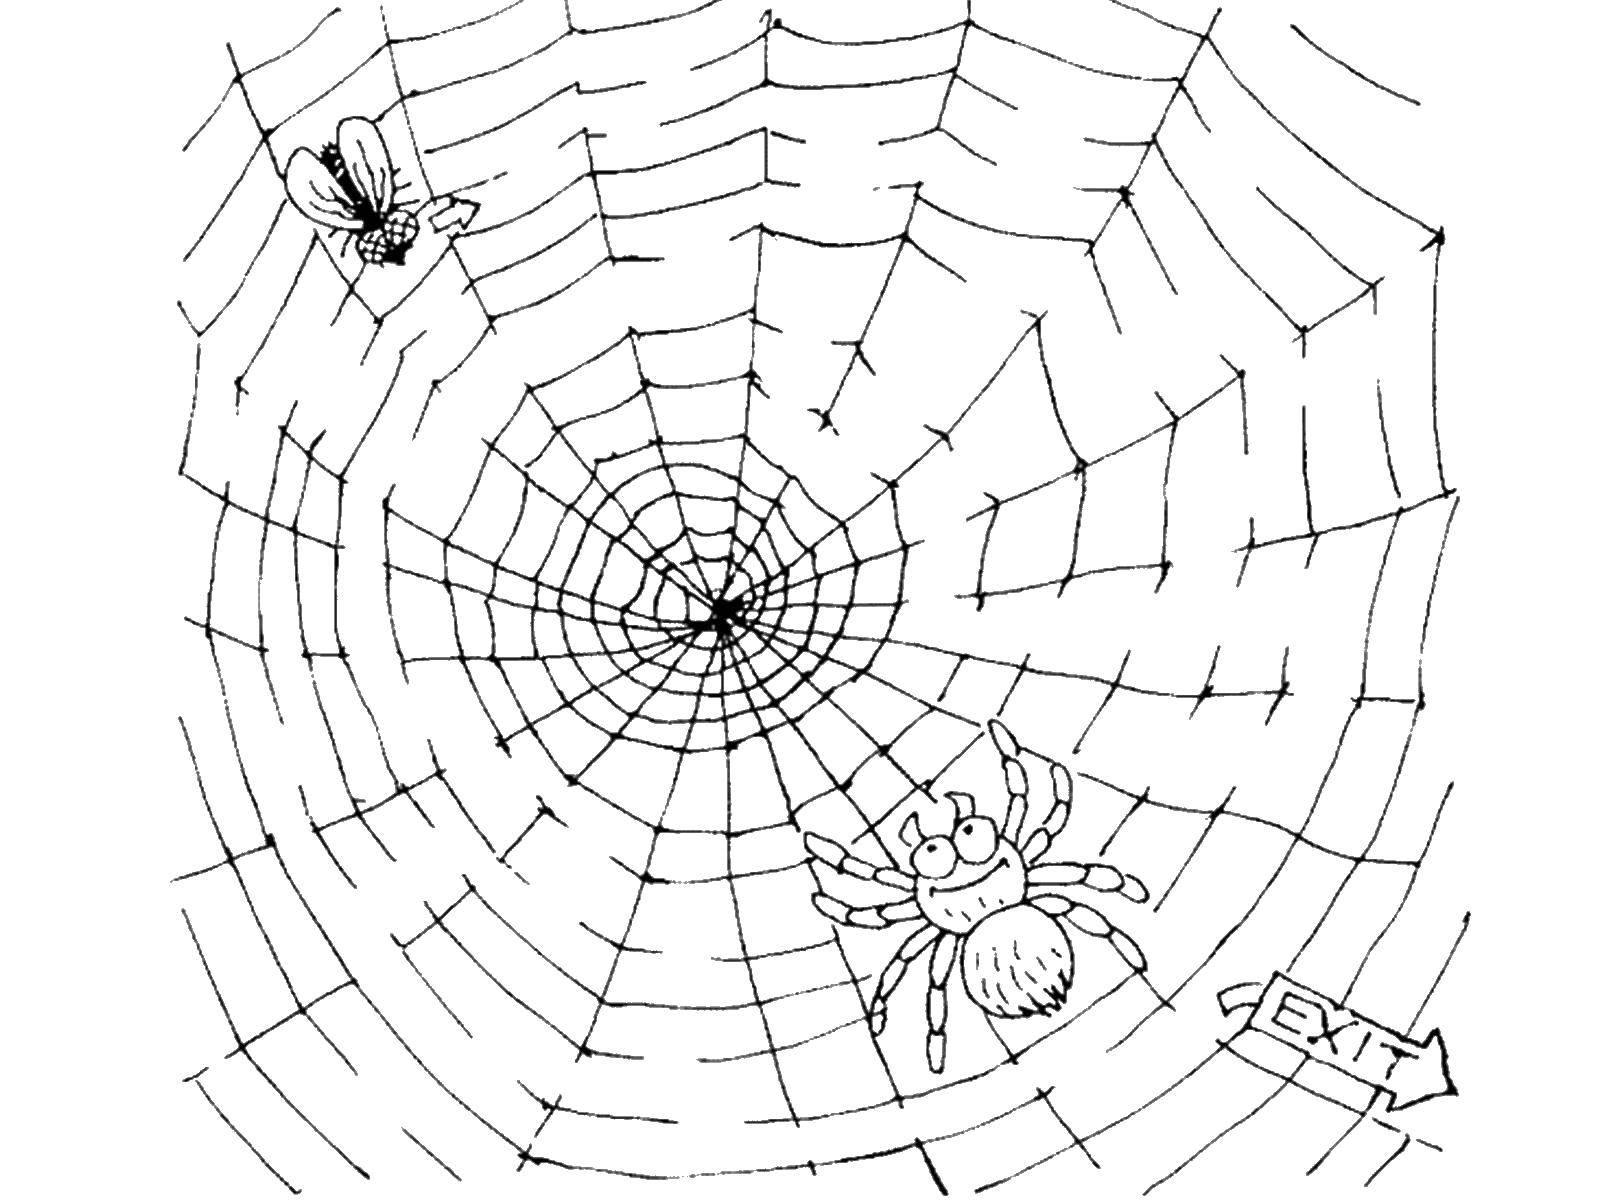 Название: Раскраска Паук ловит муху. Категория: Насекомые. Теги: паук, муха.